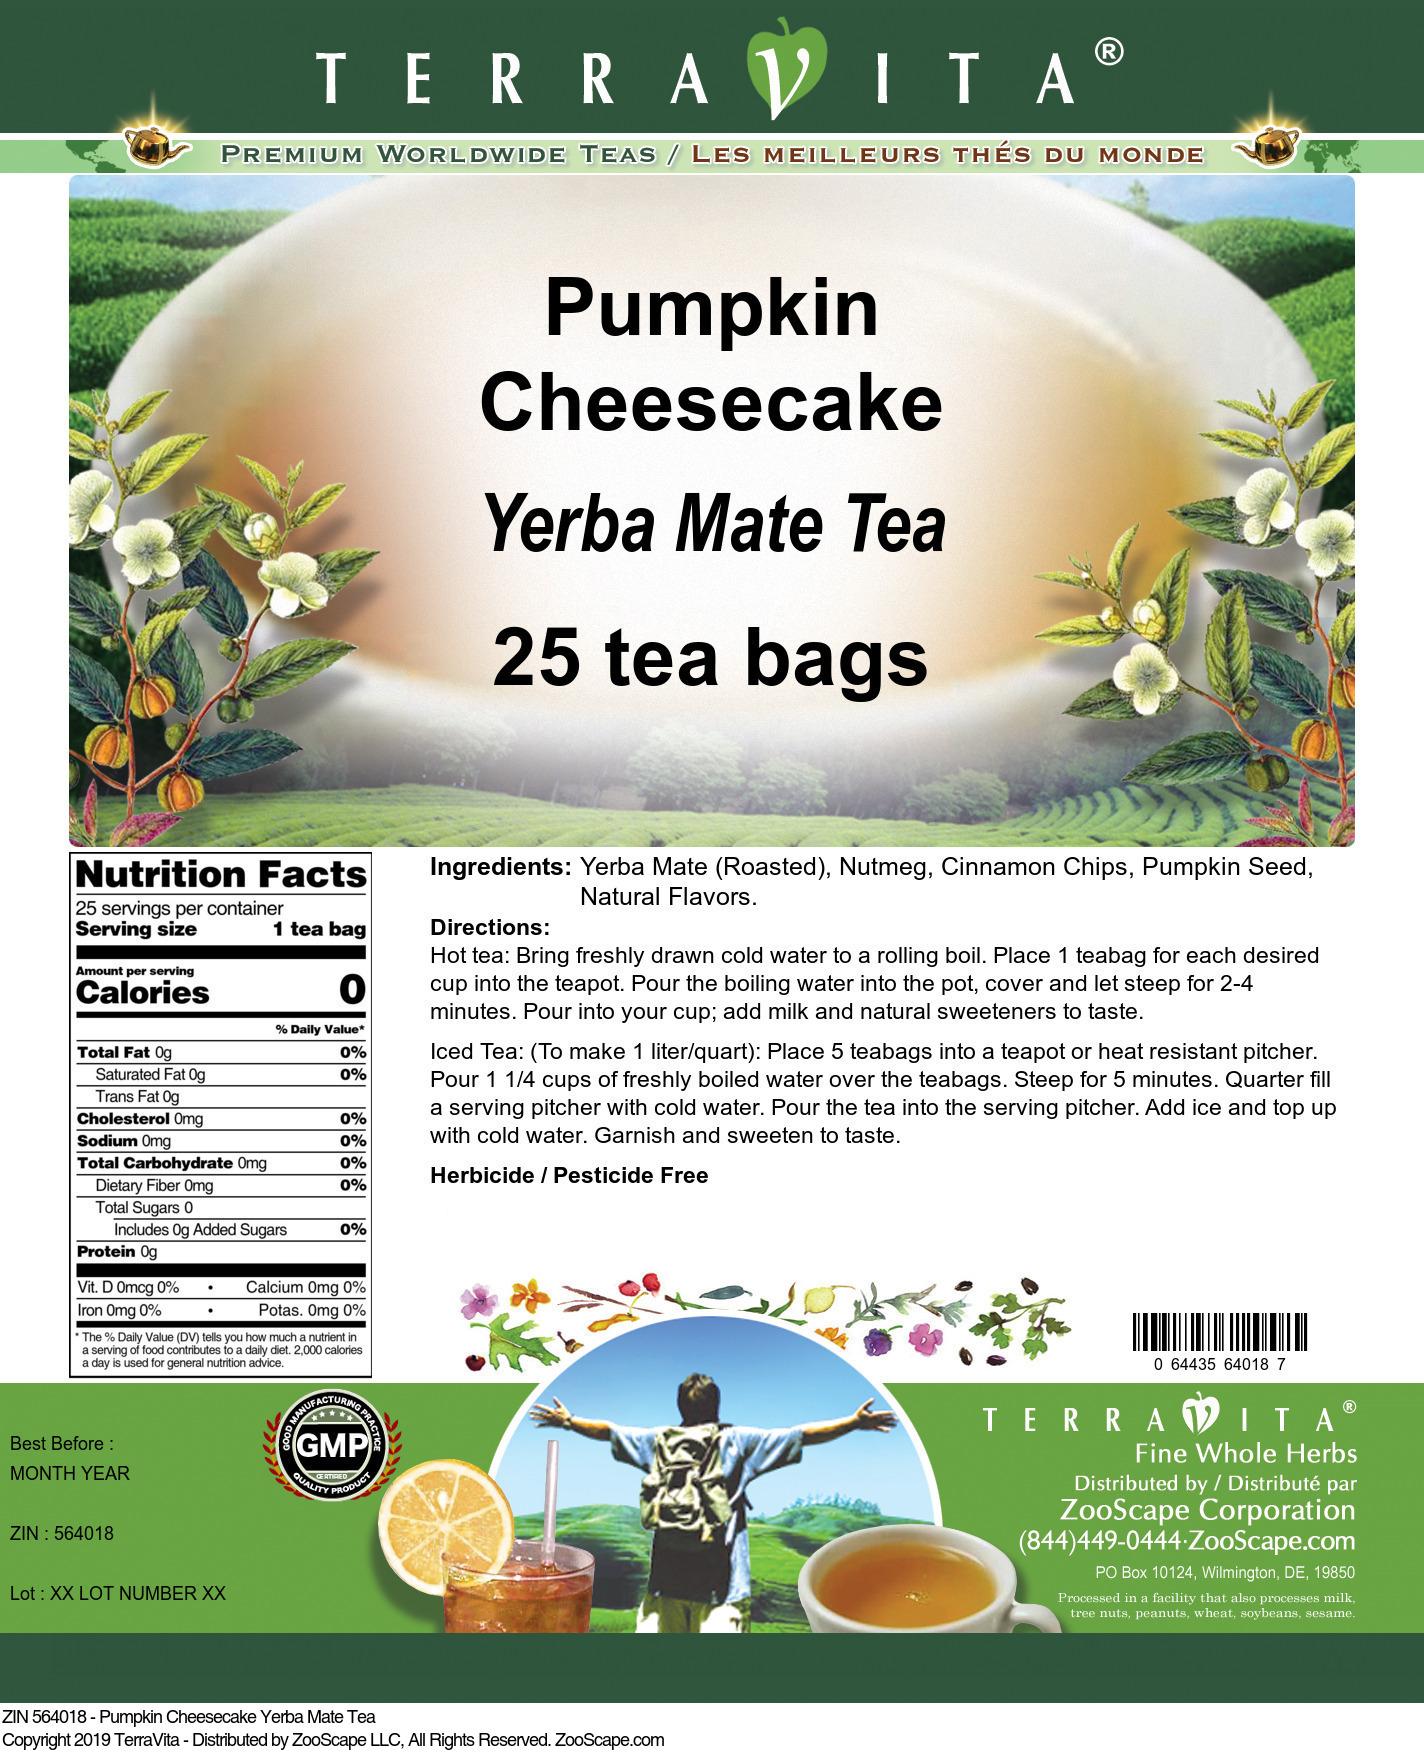 Pumpkin Cheesecake Yerba Mate Tea